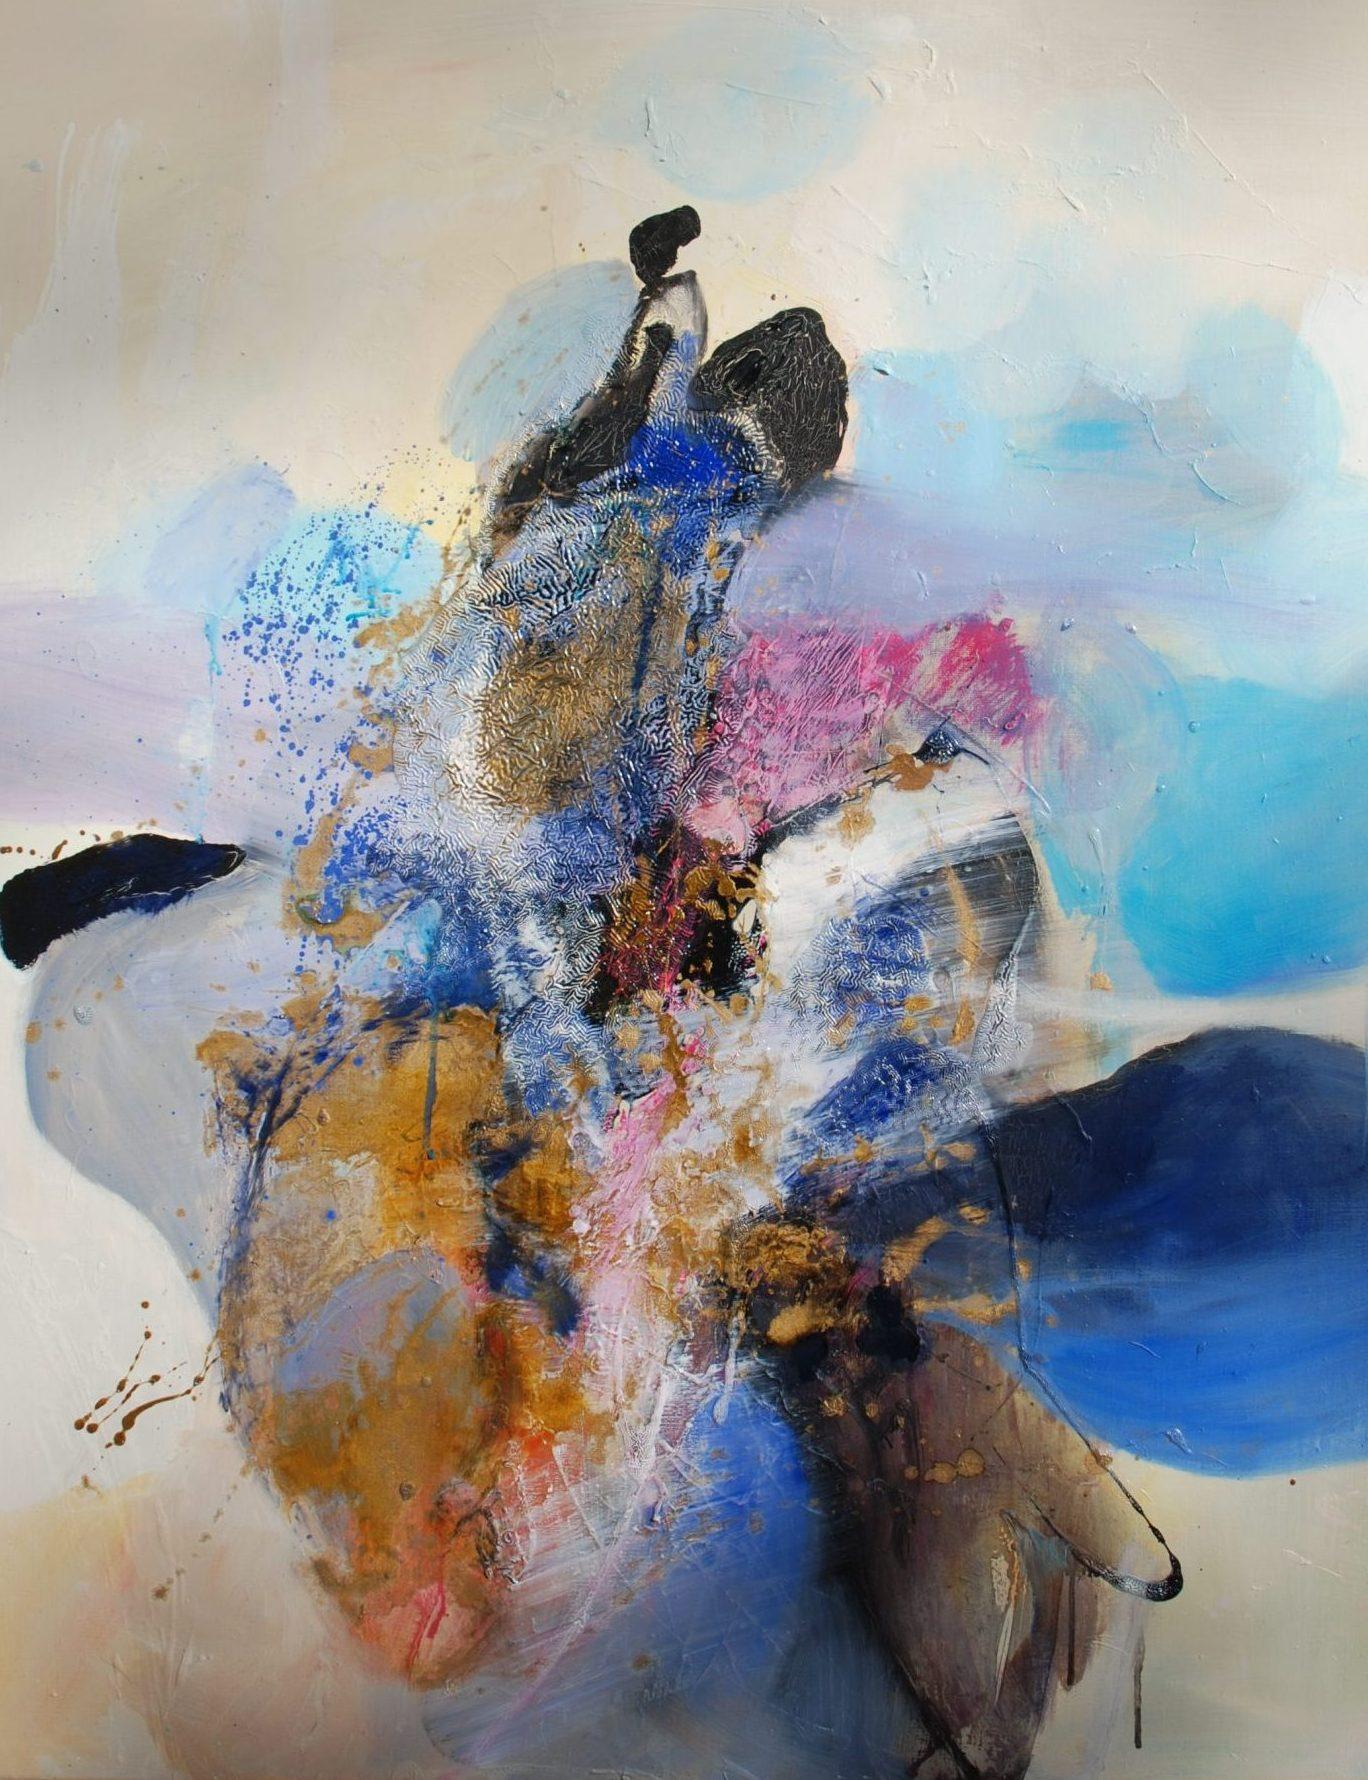 féminin huile sur toile 92x73cm collection privée